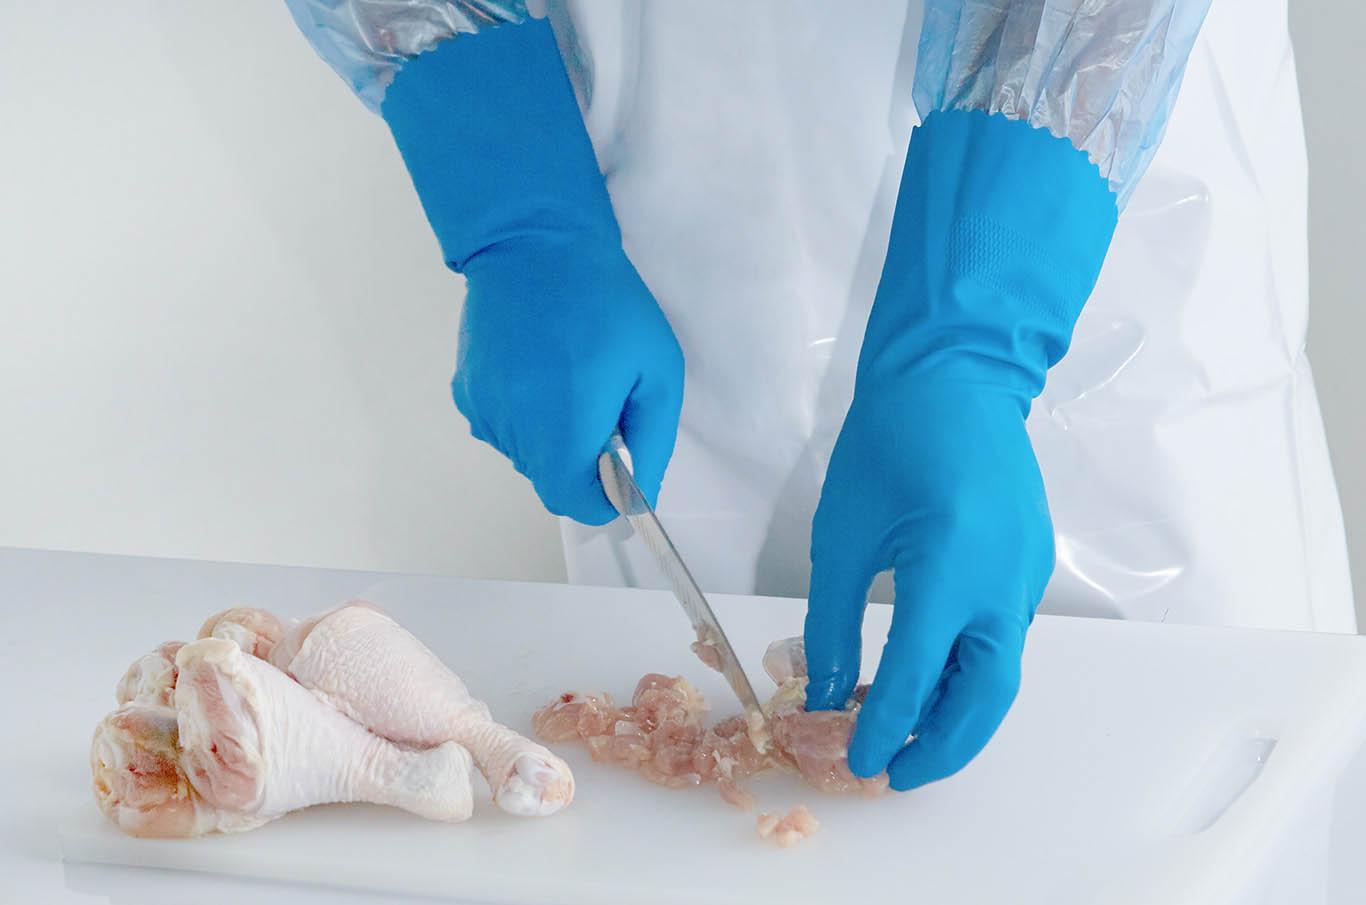 latex gloves, nitrile gloves, silverlined gloves, rubber gloves, food processing gloves, chlorination gloves, protection gloves, grip gloves, poultry processing gloves, chicken processing gloves, meat processing gloves, industrial gloves, orange gloves, natural gloves, blue gloves, meat processing gloves, general application gloves, Food Pro gloves, low protein gloves, ถุงมือยาง,ถุงมือยางพารา, ถุงมือแม่บ้าน, ถุงมืออุตสาหกรรม,ถุงมืออุตสาหกรรมอาหาร, ถุงมือทำความสะอาด, ถุงมือป้องกันสารเคมี, ถุงมืออันไลน์, ถุงมืออุตสาหกรรมไก่,ถุงมืออุตสาหกรรมปลา, ถุงมืออุตสาหกรรมเนื้อ, ถุงมืออุตสาหกรรมผัก, ถุงมือ silverlined, ถุงมือซับในสีเงิน,ถุงมือม้วนขอบ, ถุงมือตัดขอบ, ถุงมือไนไตร